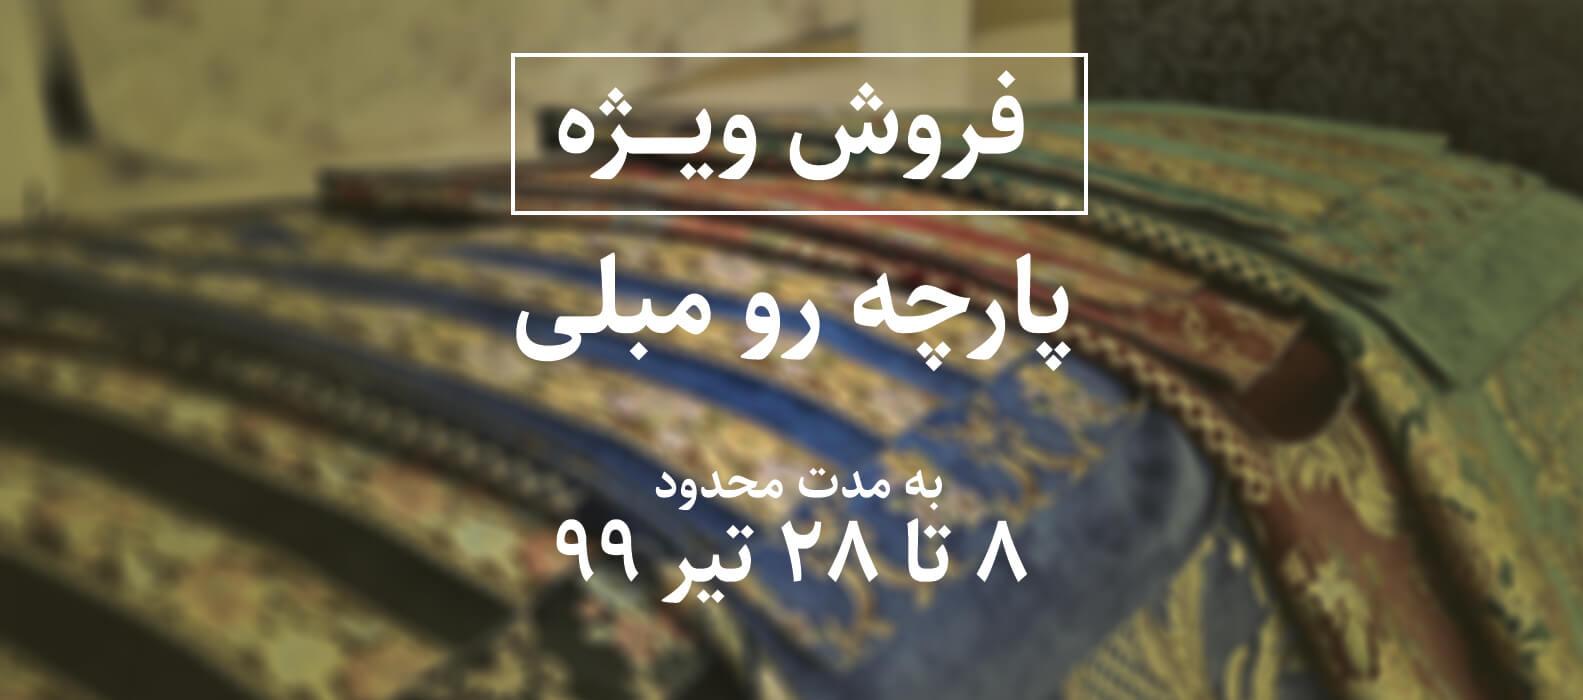 فروش ویژخ پارچه مبلی و پرده ای